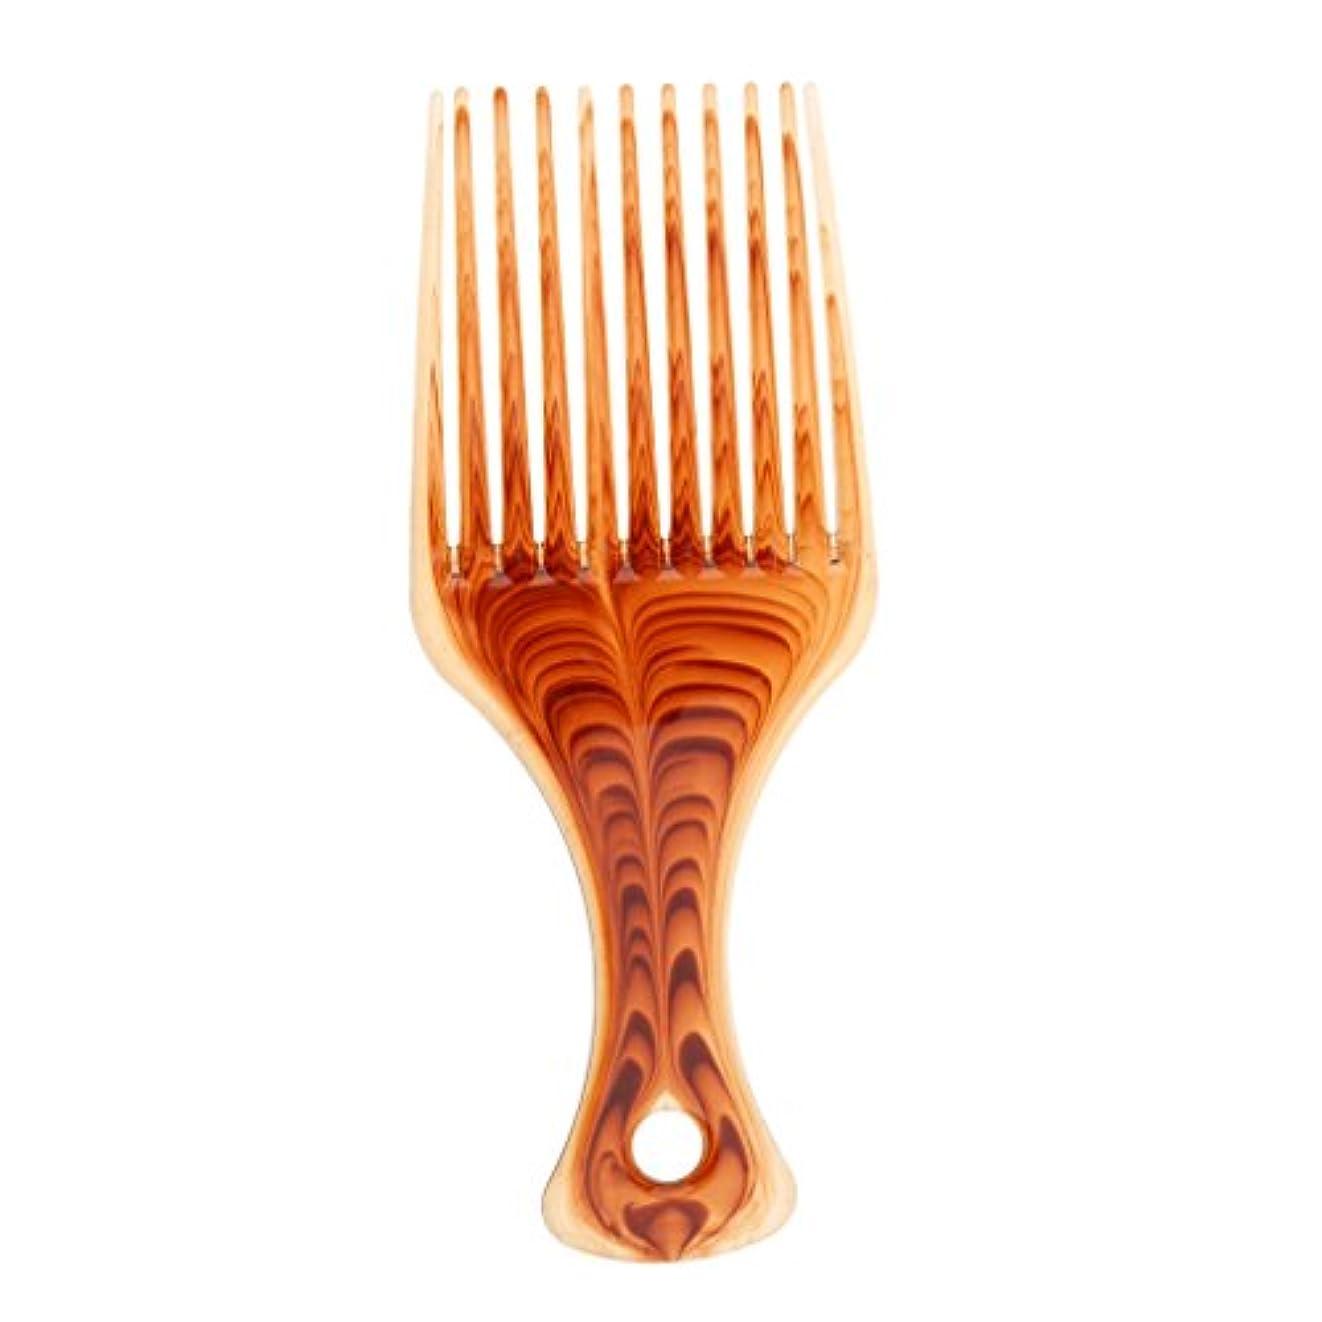 メニュー幻想長さヘアブラシ コーム アフロ 髪ピック 櫛 かつら編み プラスチック製